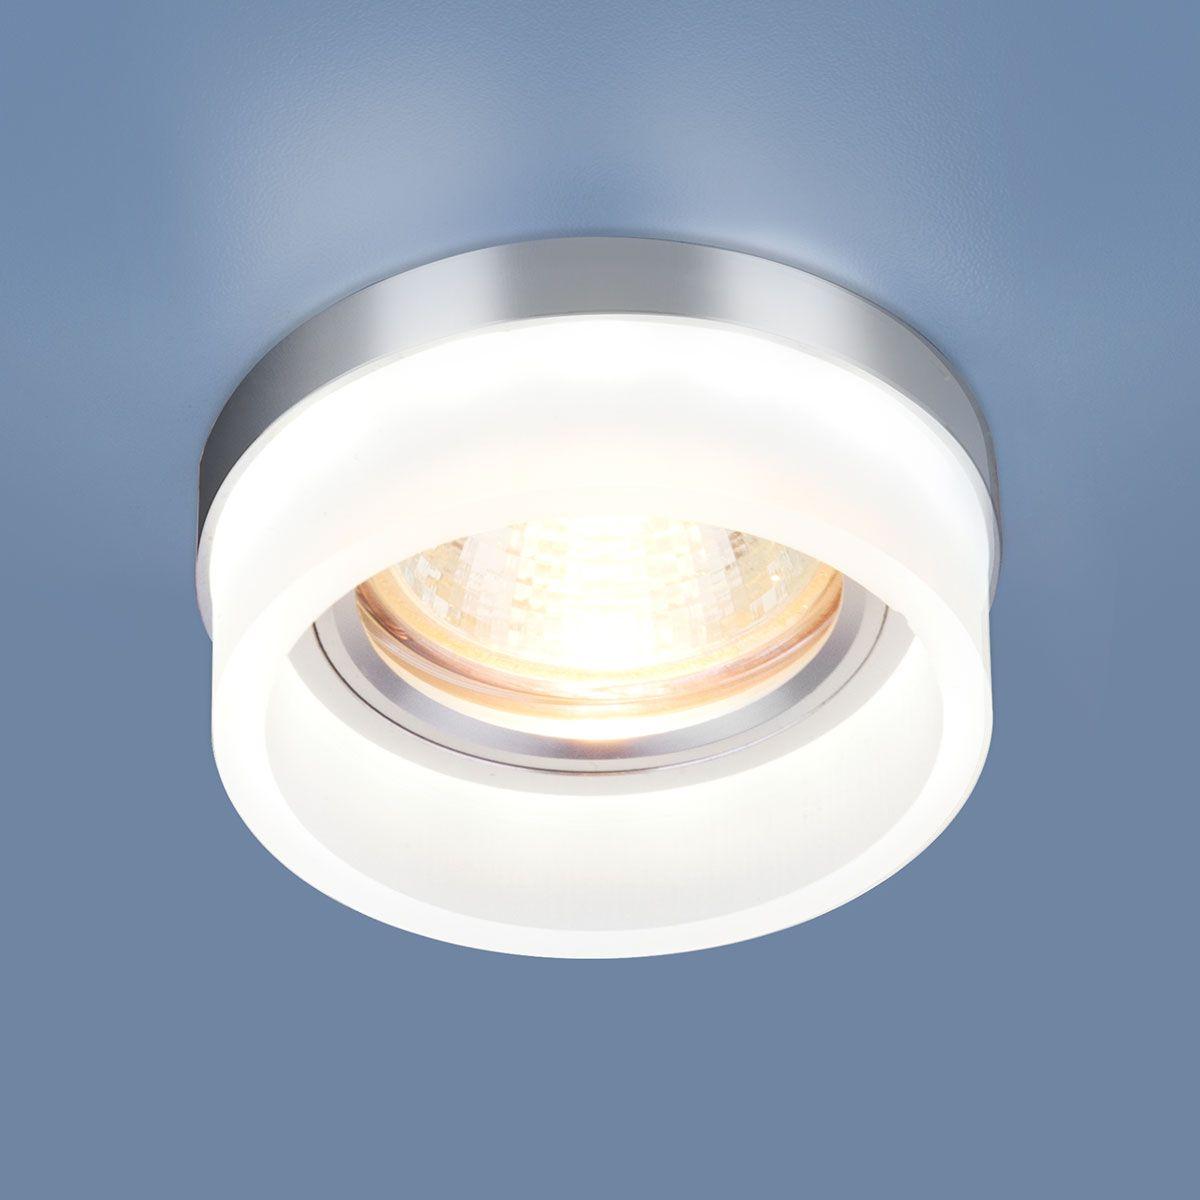 Точечный светильник с LED подсветкой 2205 MR16 MT матовый